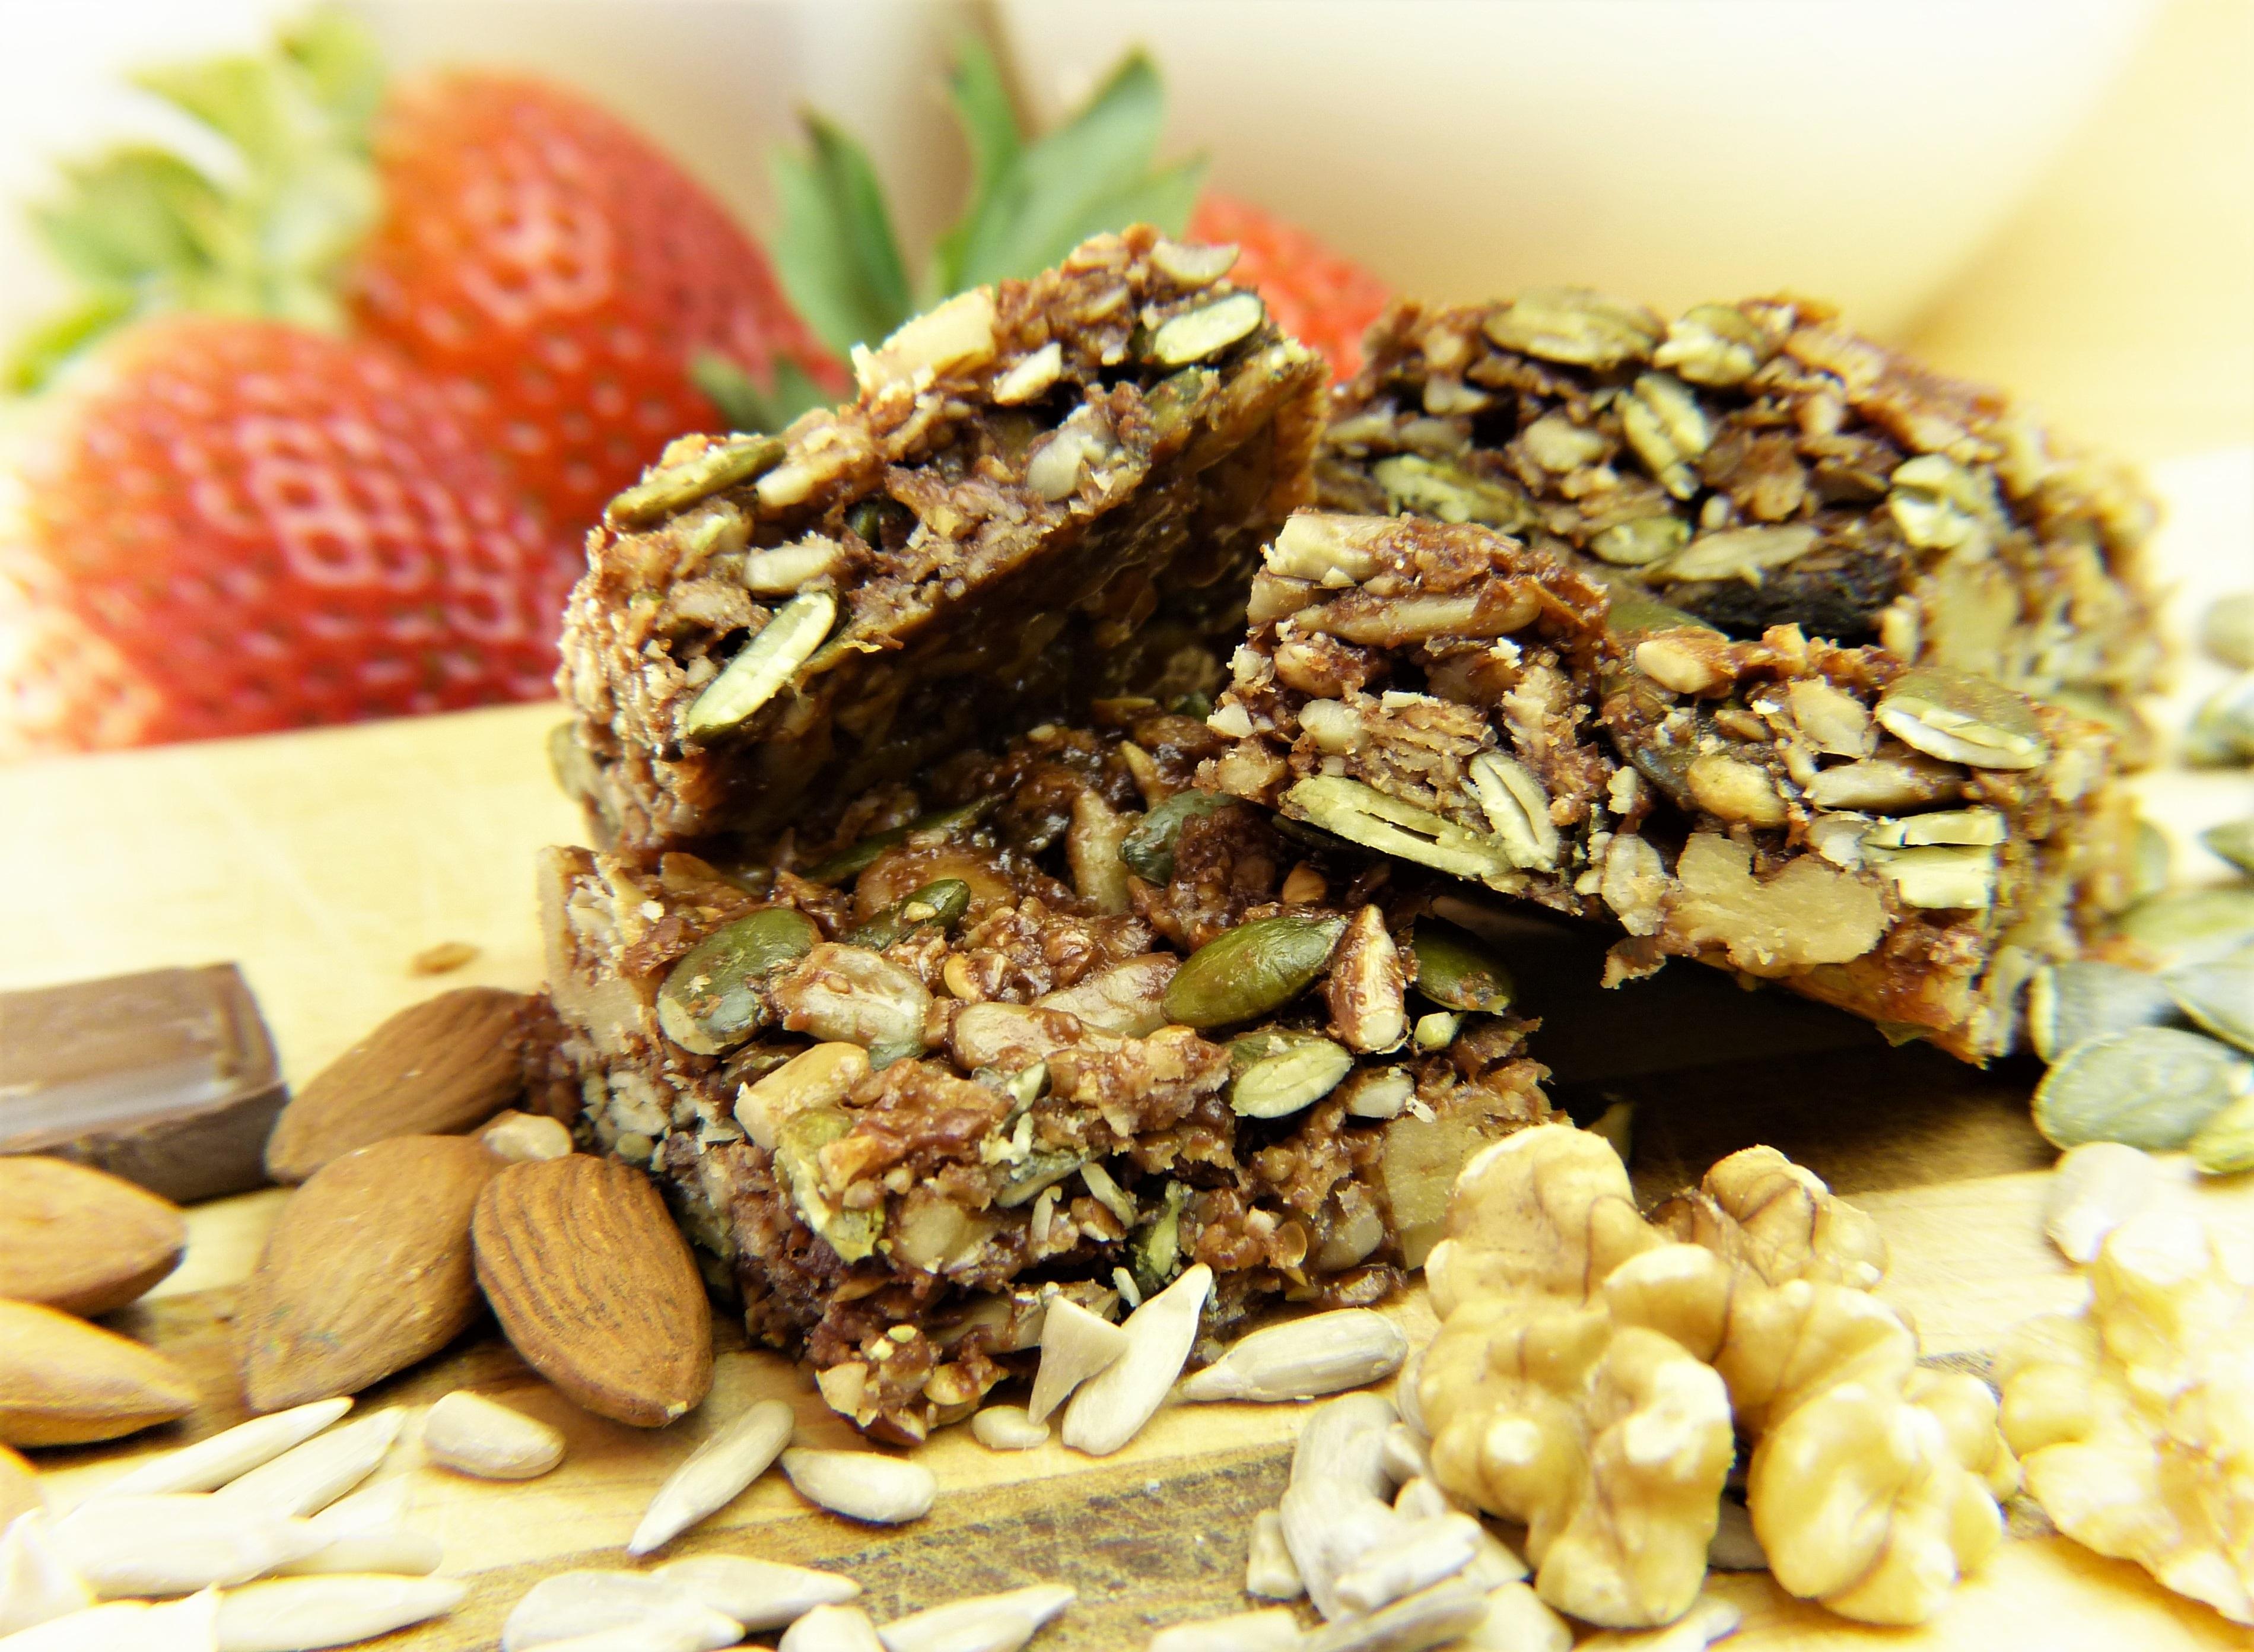 Fotos gratis : miel, regalo, plato, Produce, chocolate, saludable ...